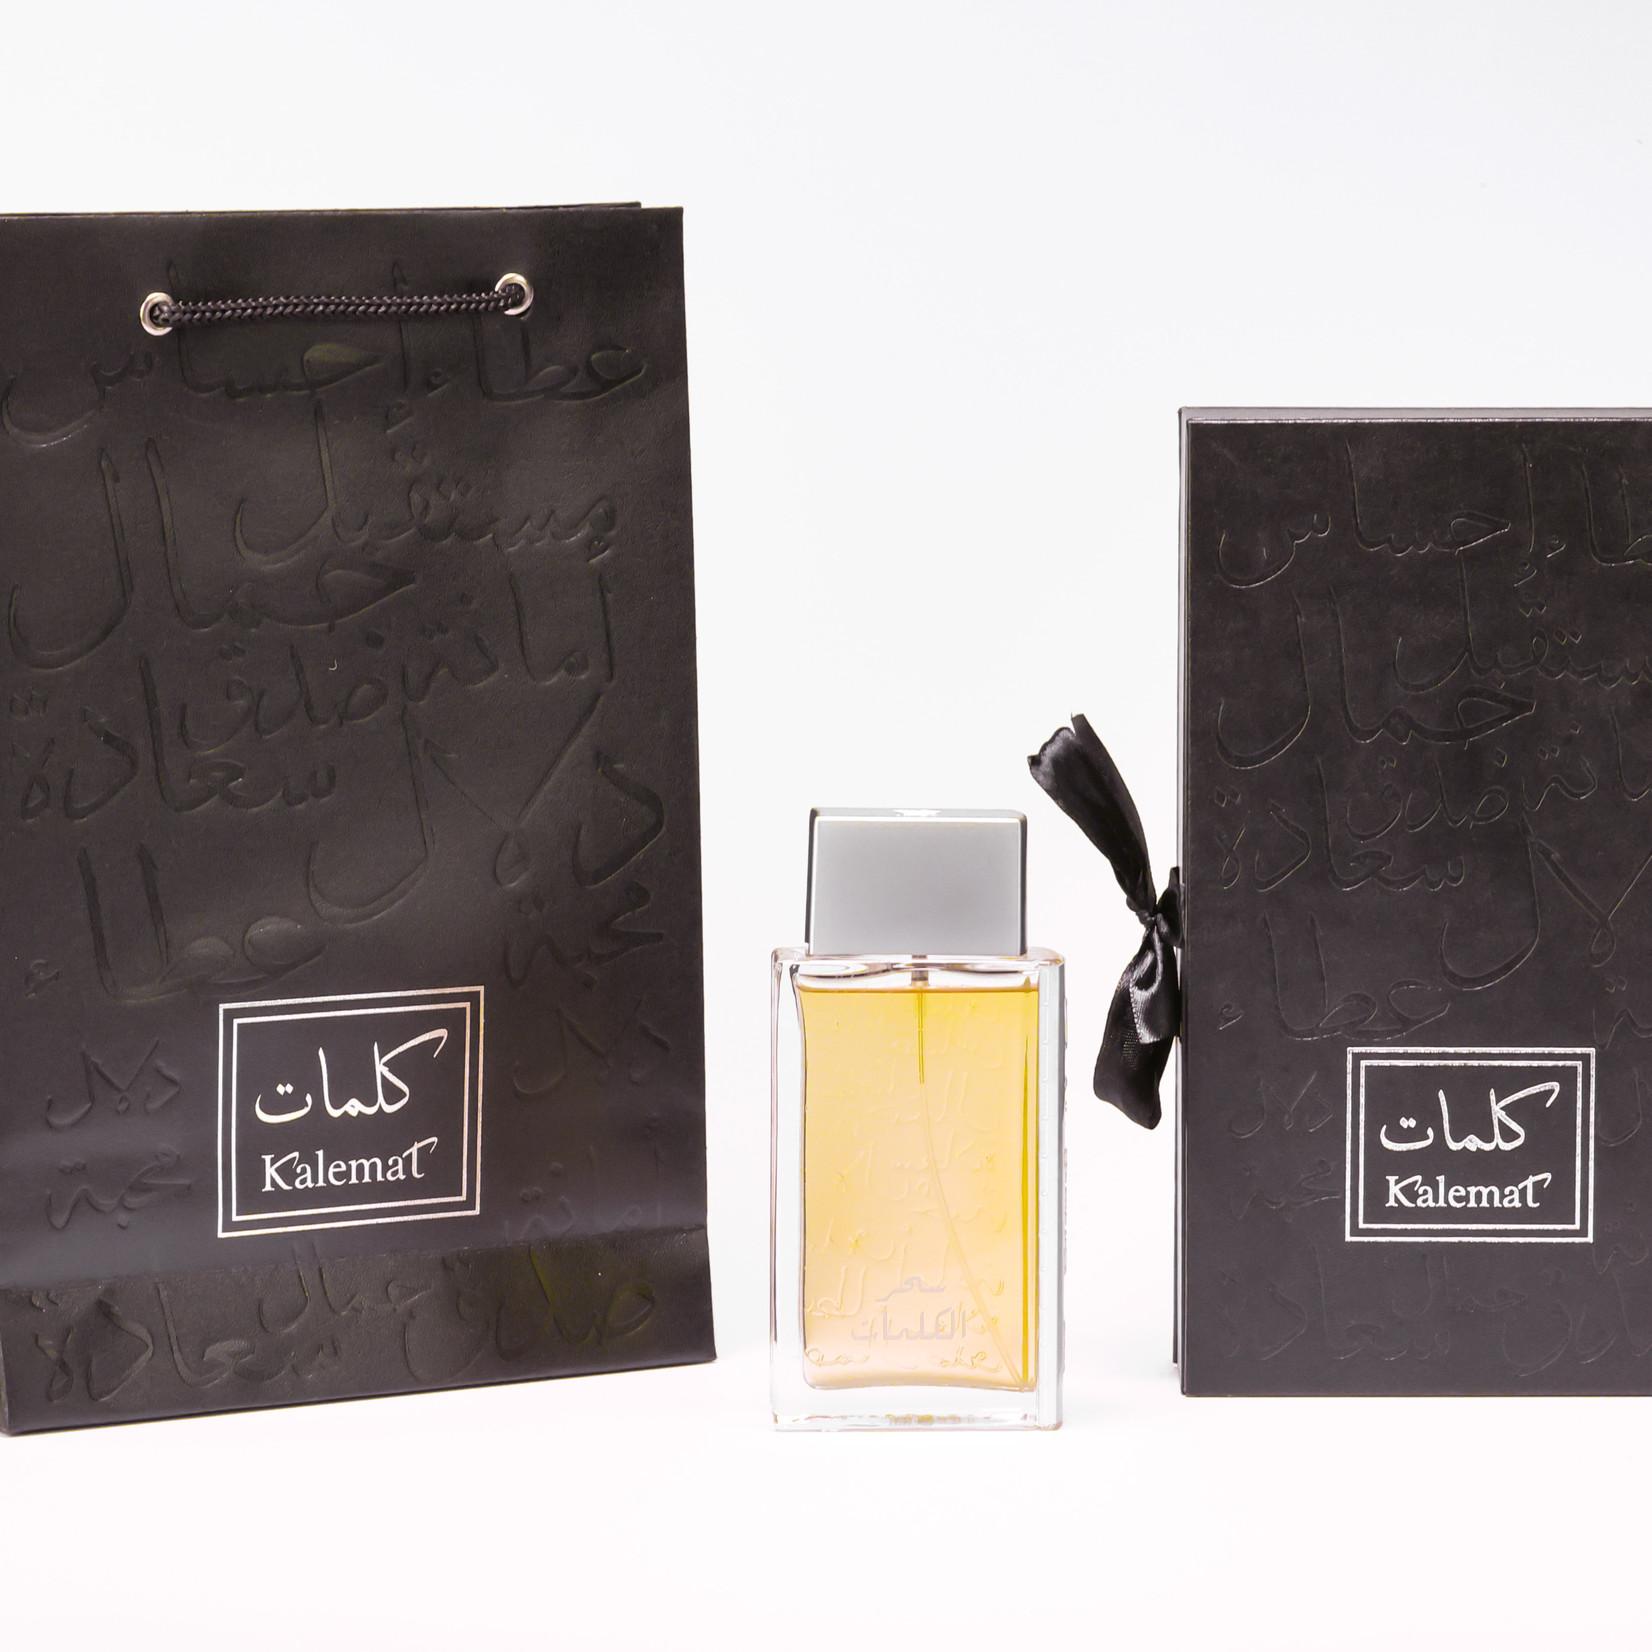 Sehr Kalemat (100ml Eau de Parfum)